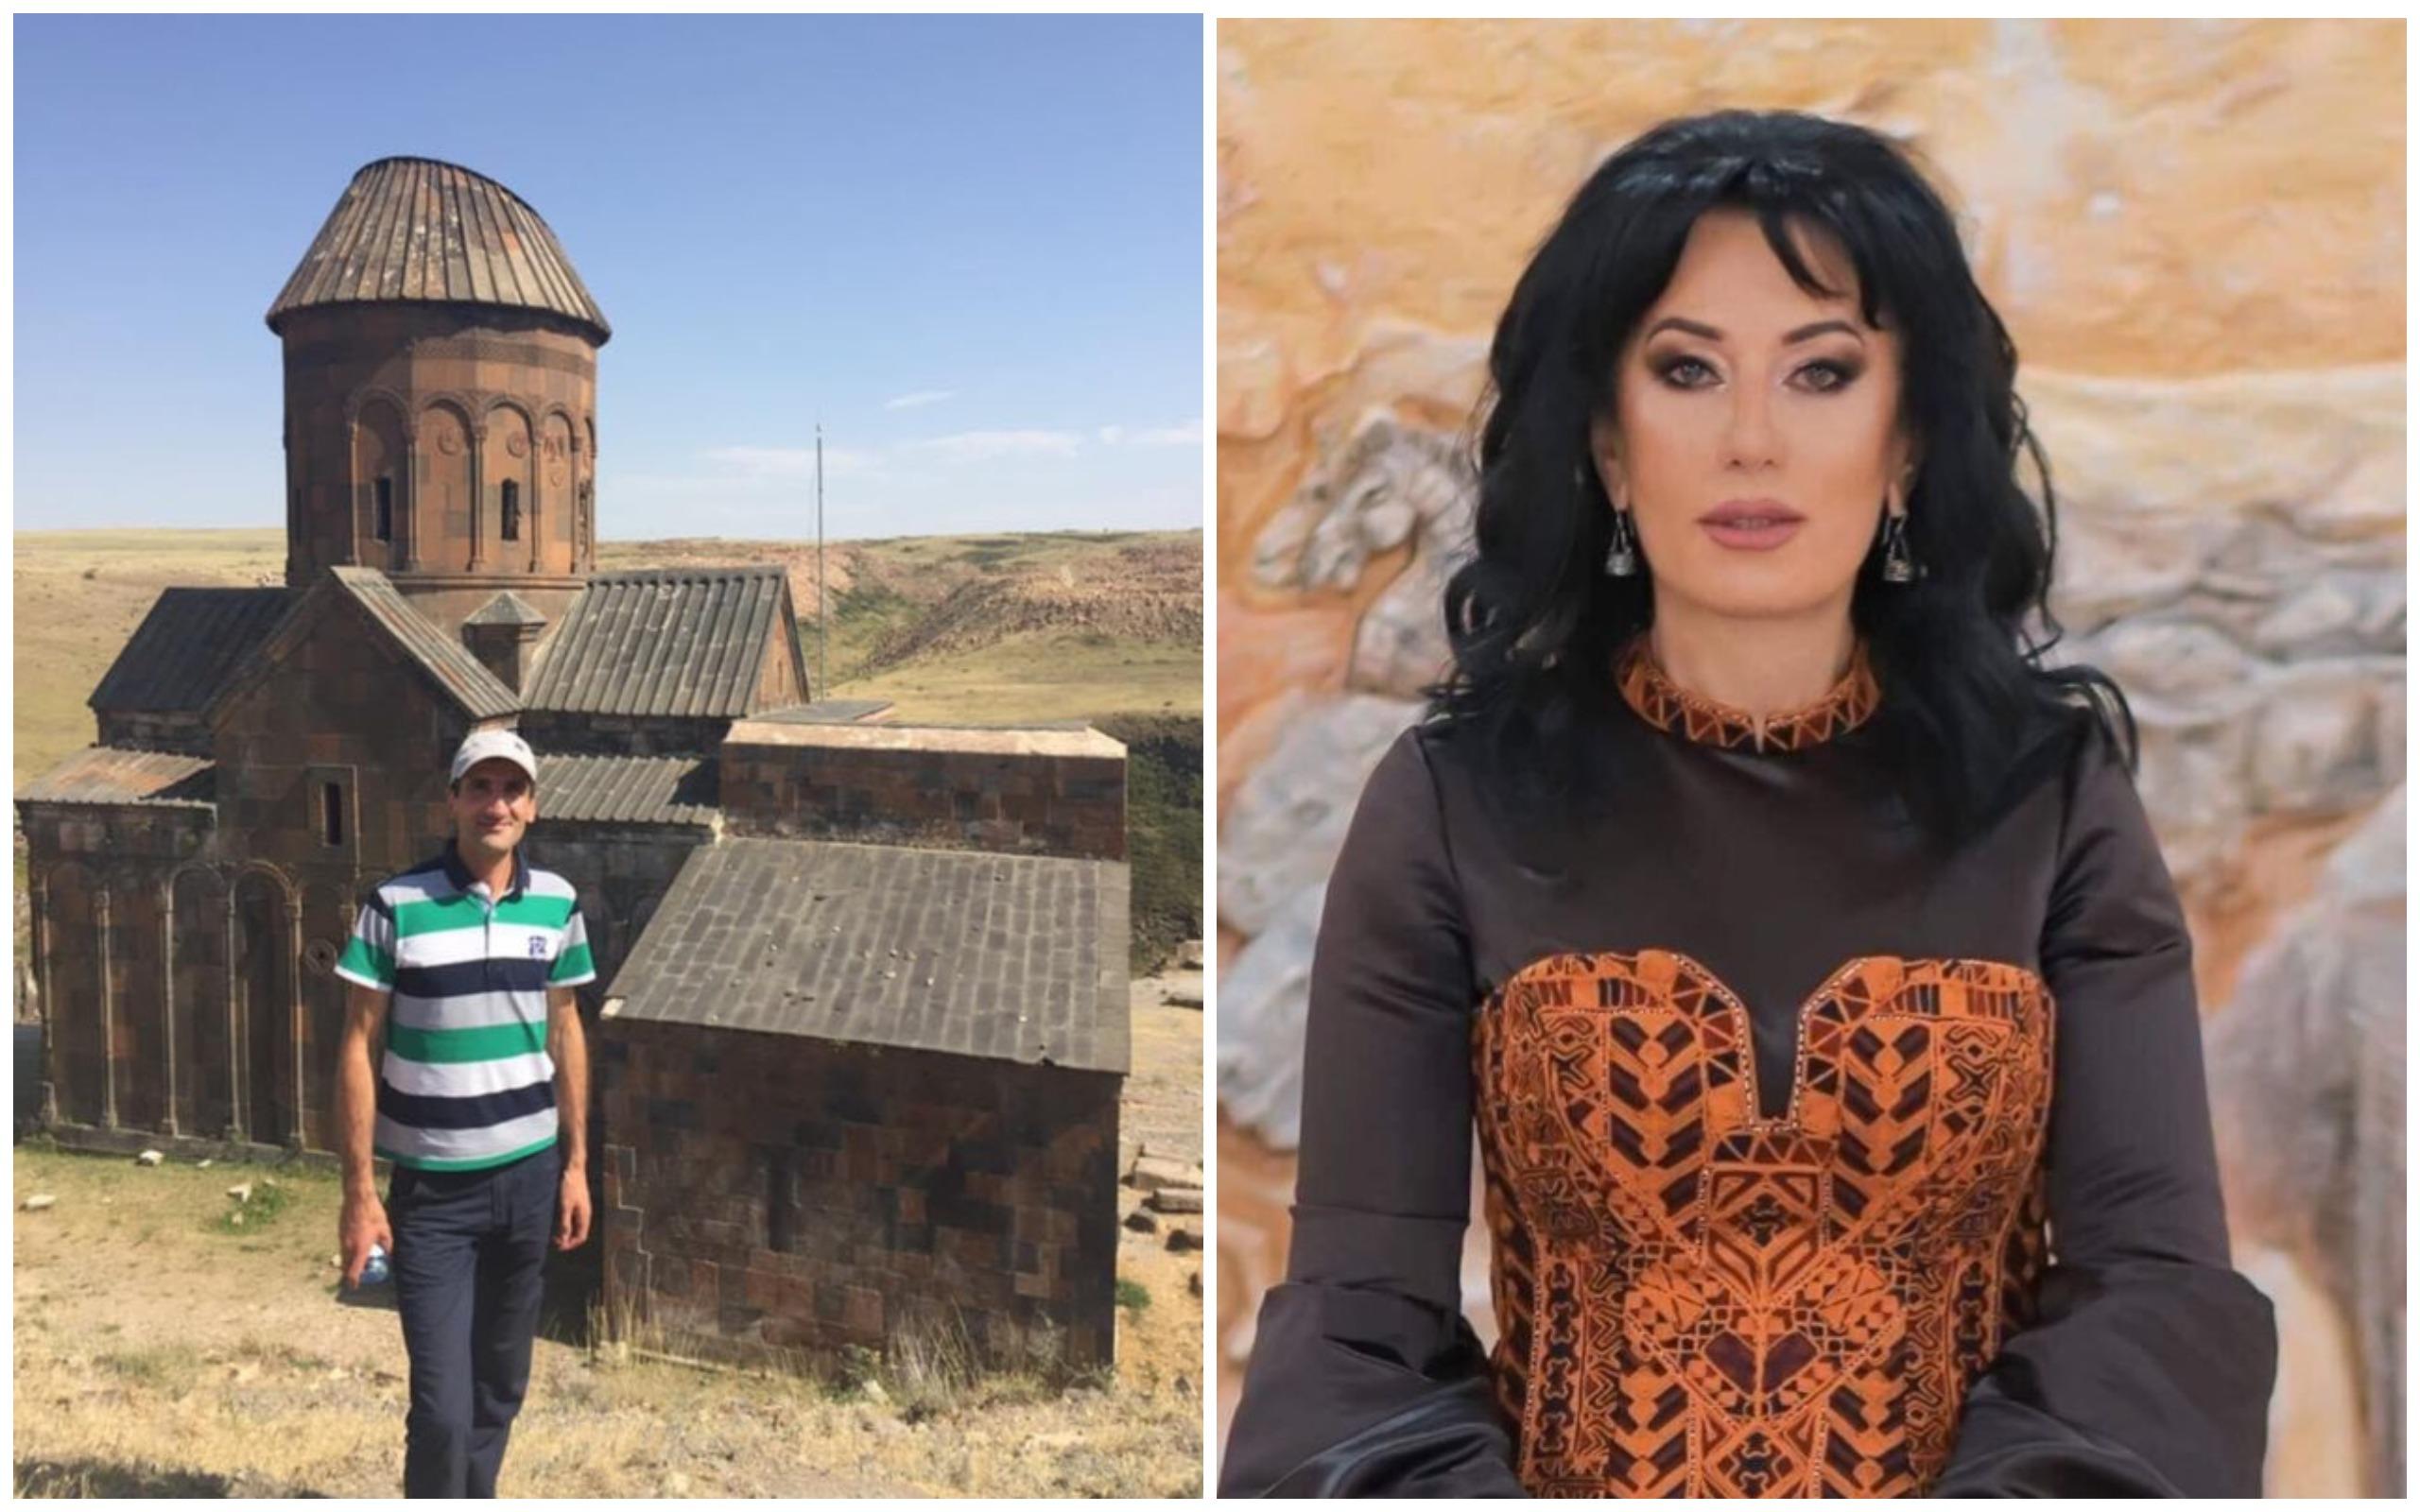 Տիկին Զոհրաբյան, «մի կտ որ լա փի համար» այնքան մեծ վնաս եք պատճառել Հայաստանին․․․ արտերկրում ապրող Մшնվել Ստեփանյանի բաց նամակը Նաիրա Զոհրաբյանին